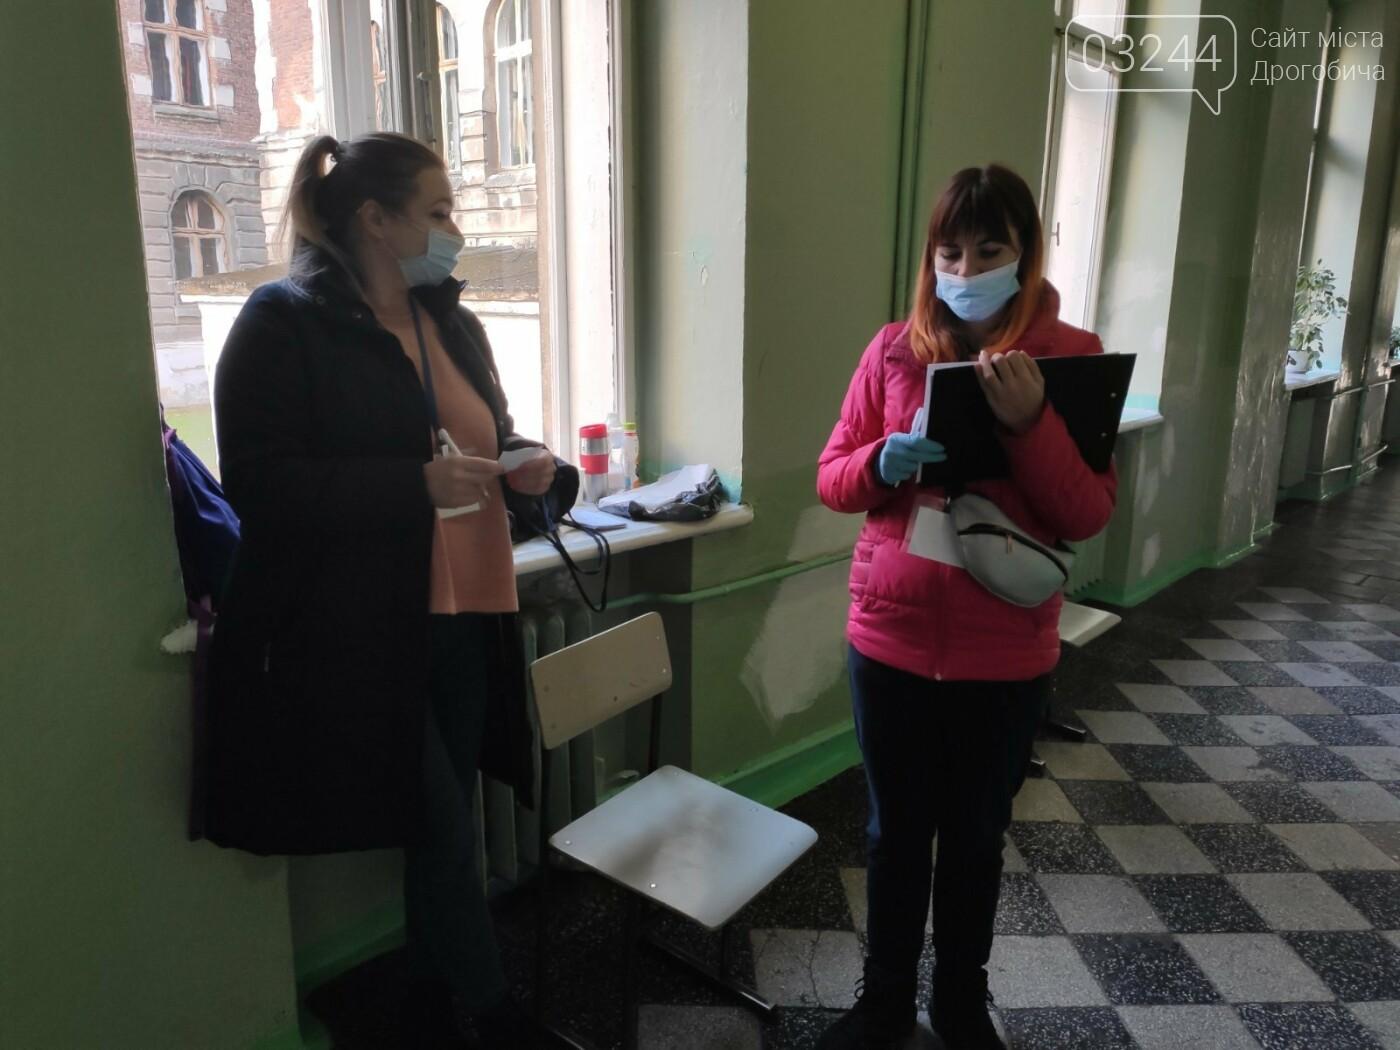 Соціологічна група «Рейтинг» вдруге у Дрогобичі проводить екзит-пол на виборах, - ФОТО, фото-1